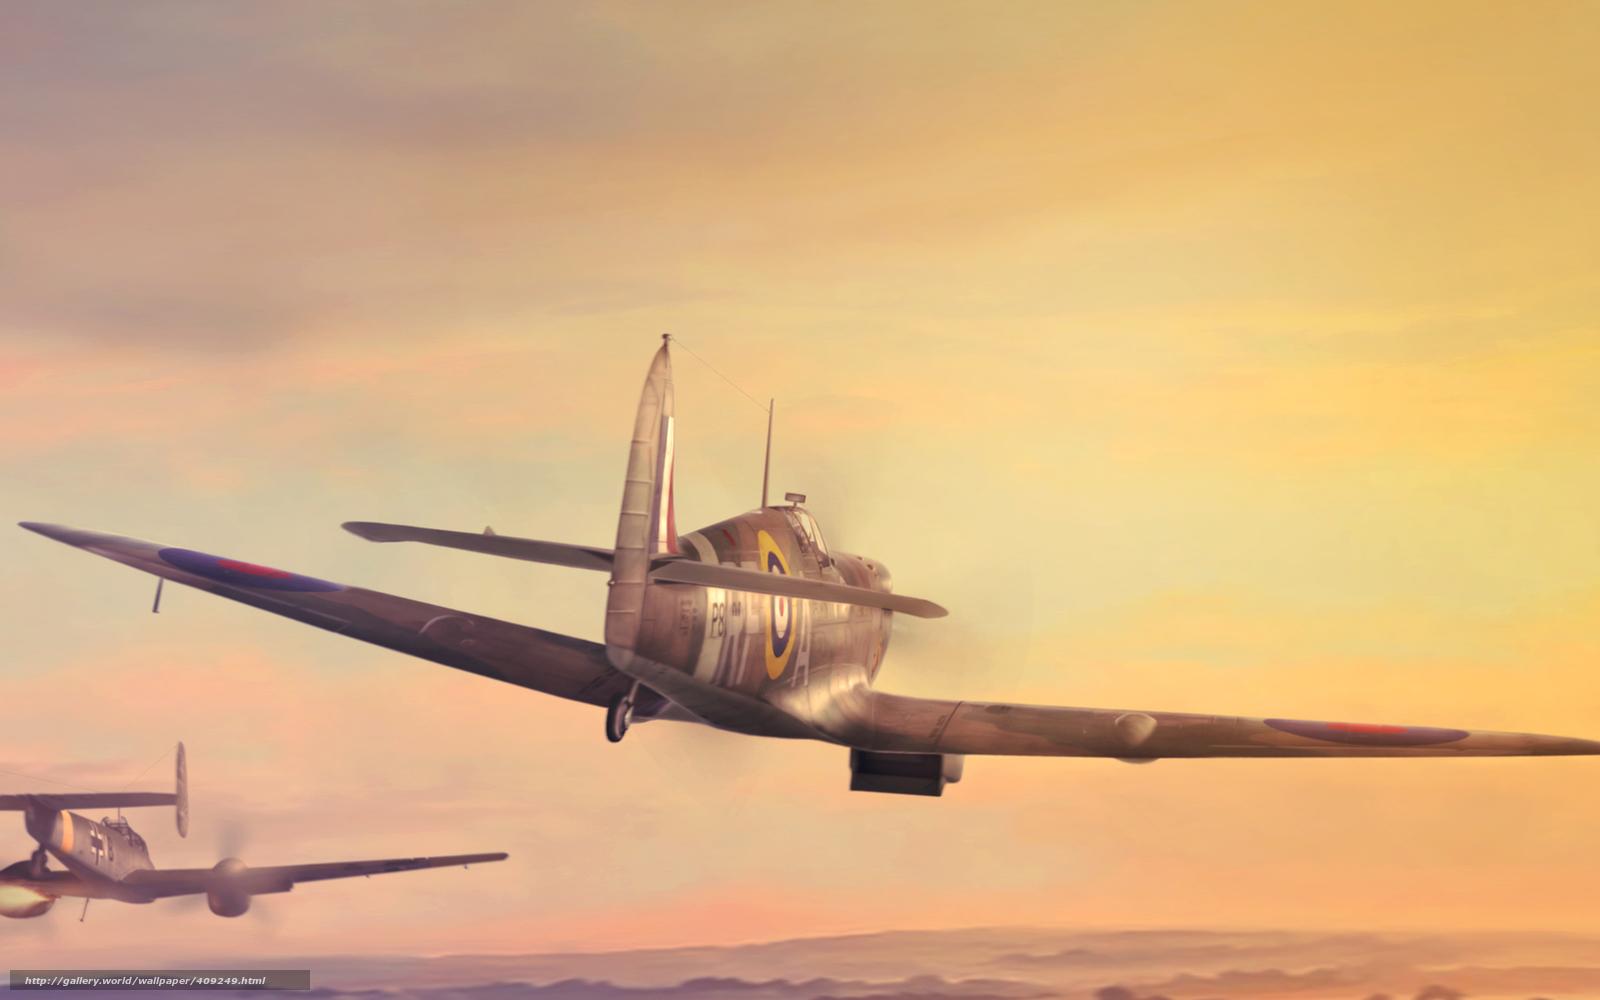 Скачать обои арт,  самолёты,  авиация,  Вторая мировая война бесплатно для рабочего стола в разрешении 1680x1050 — картинка №409249